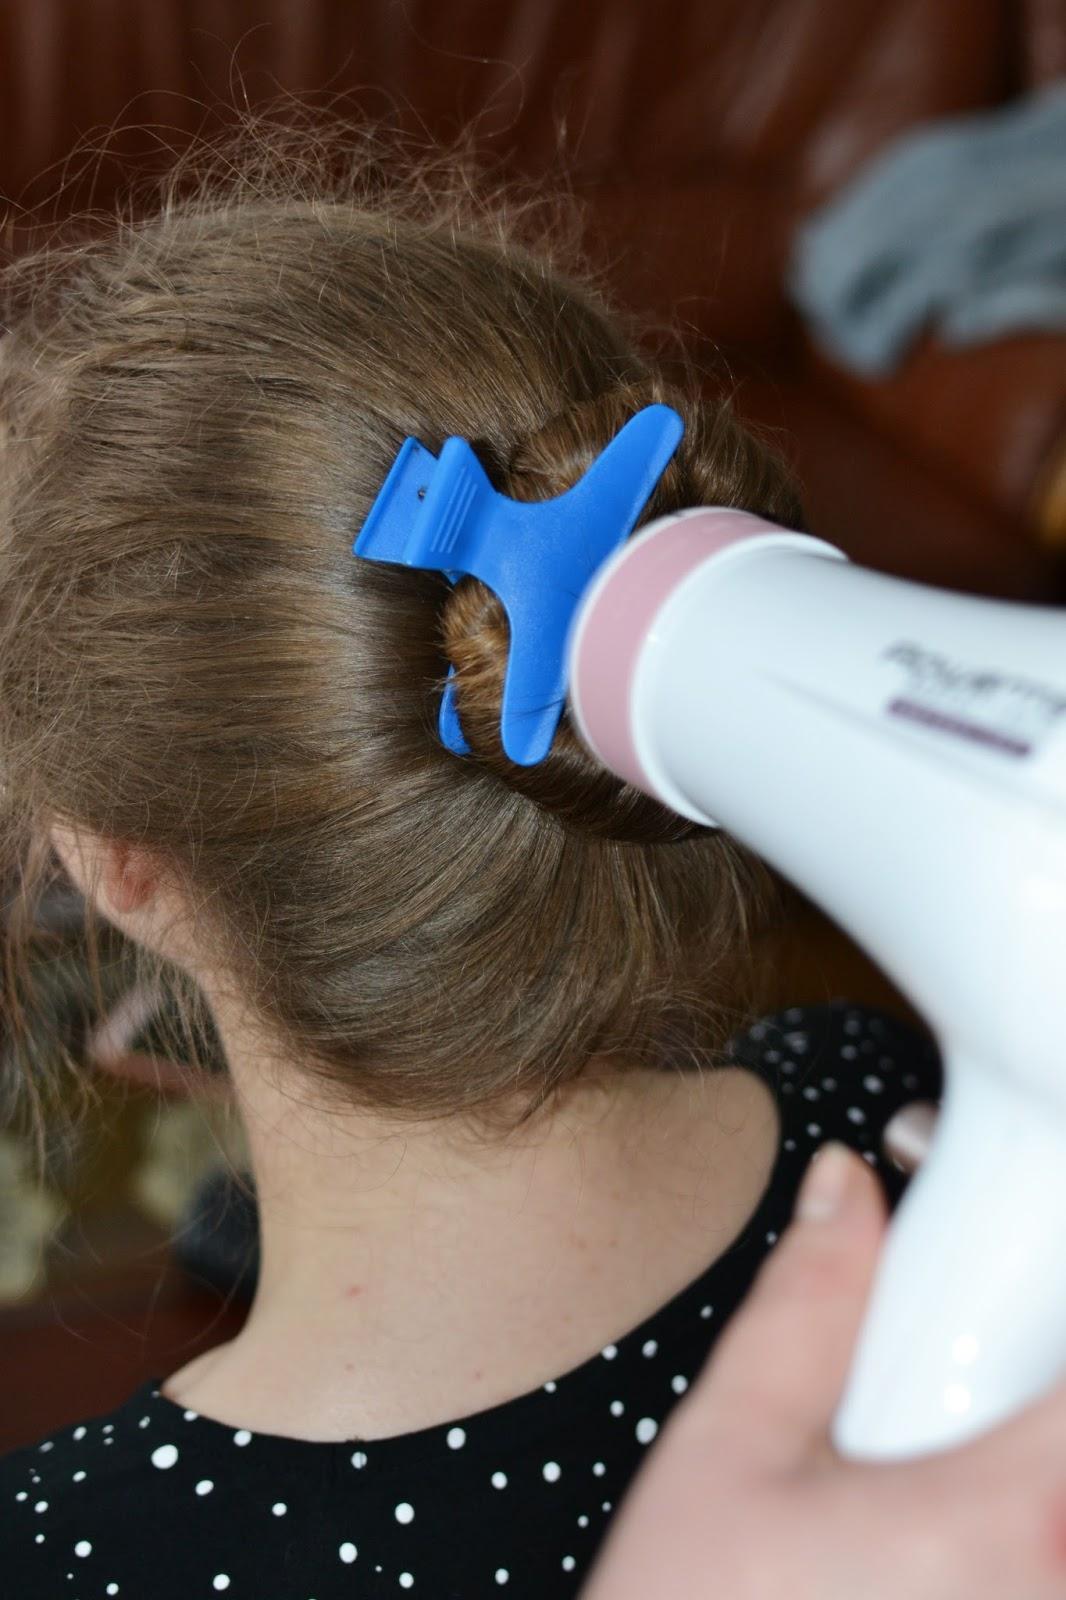 grube fale włosy